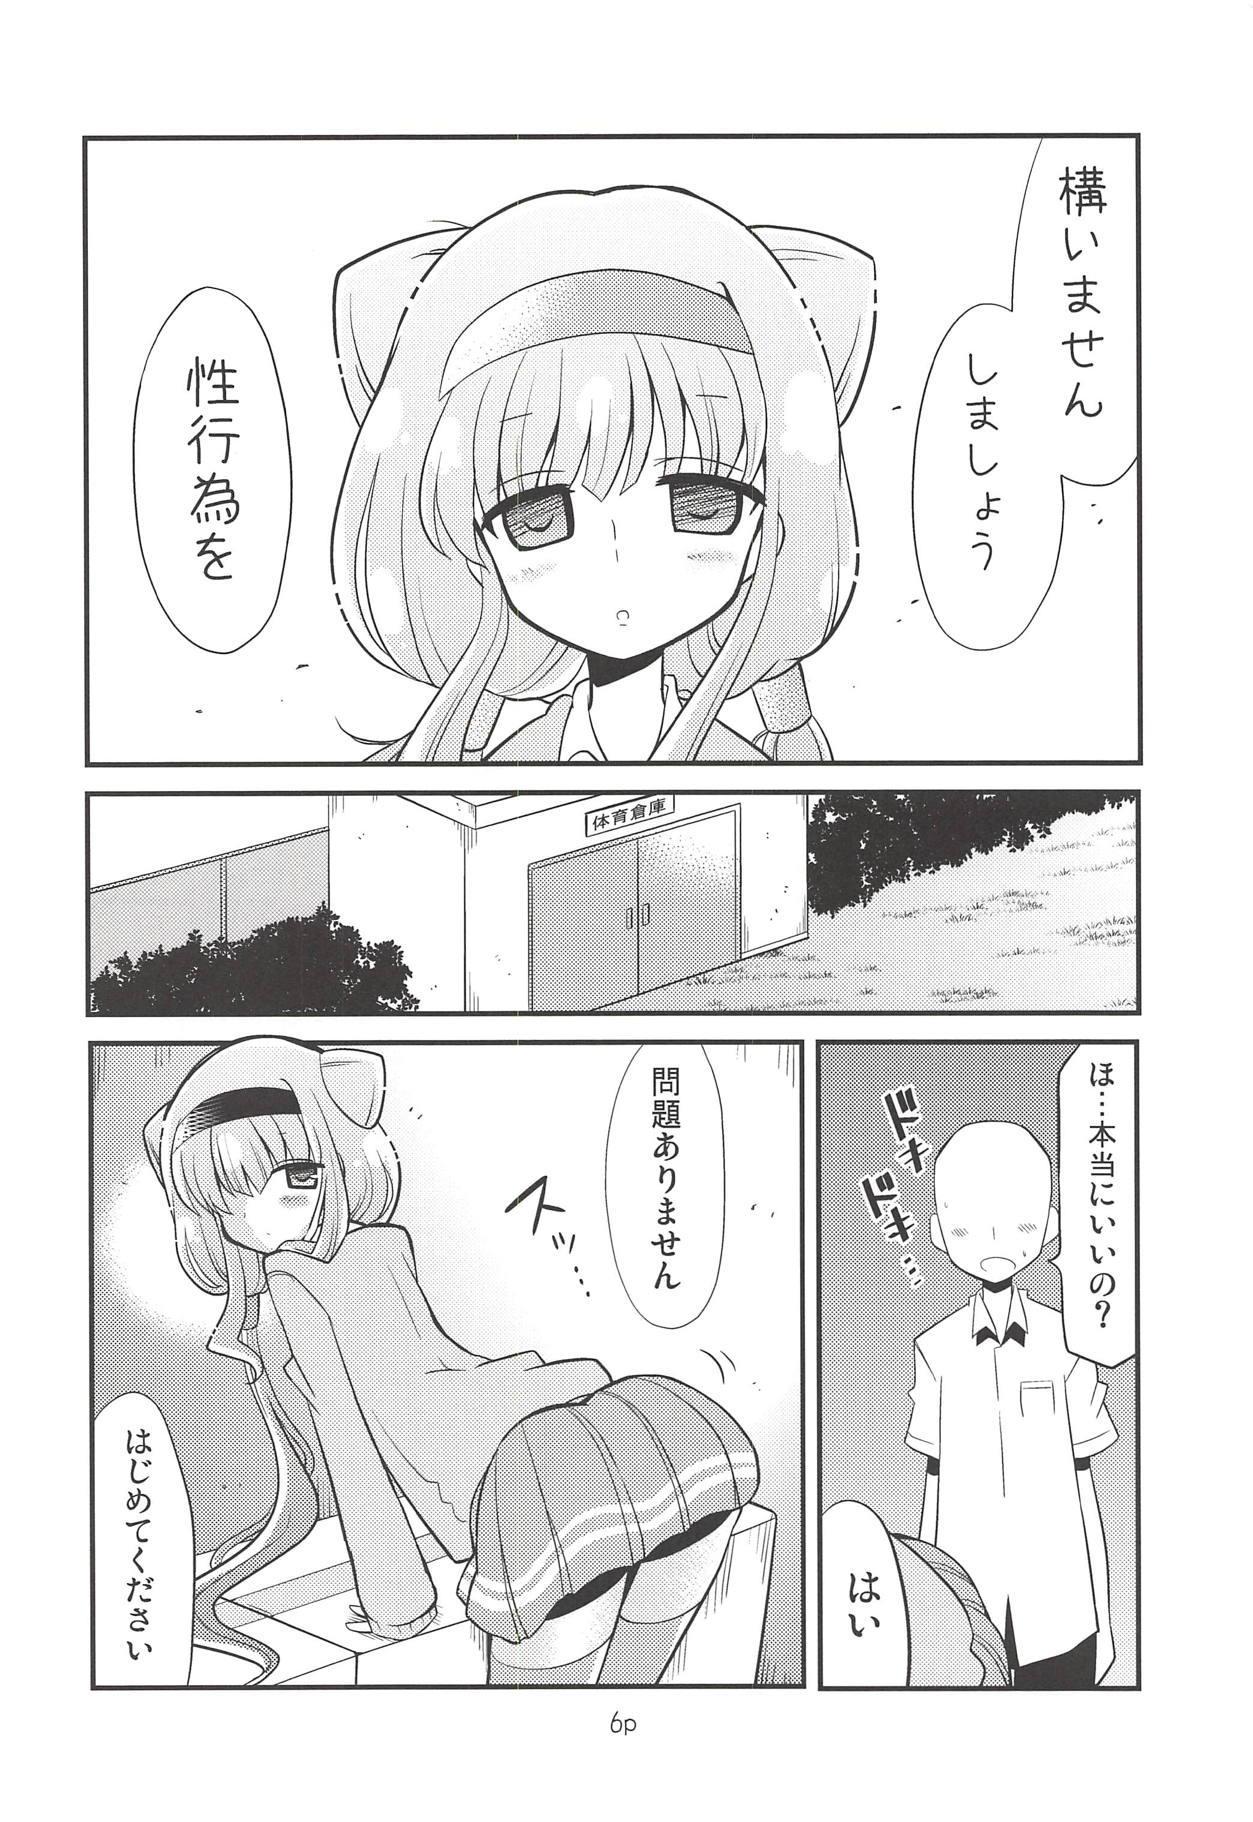 Ruru o Tsukatte Mita 4